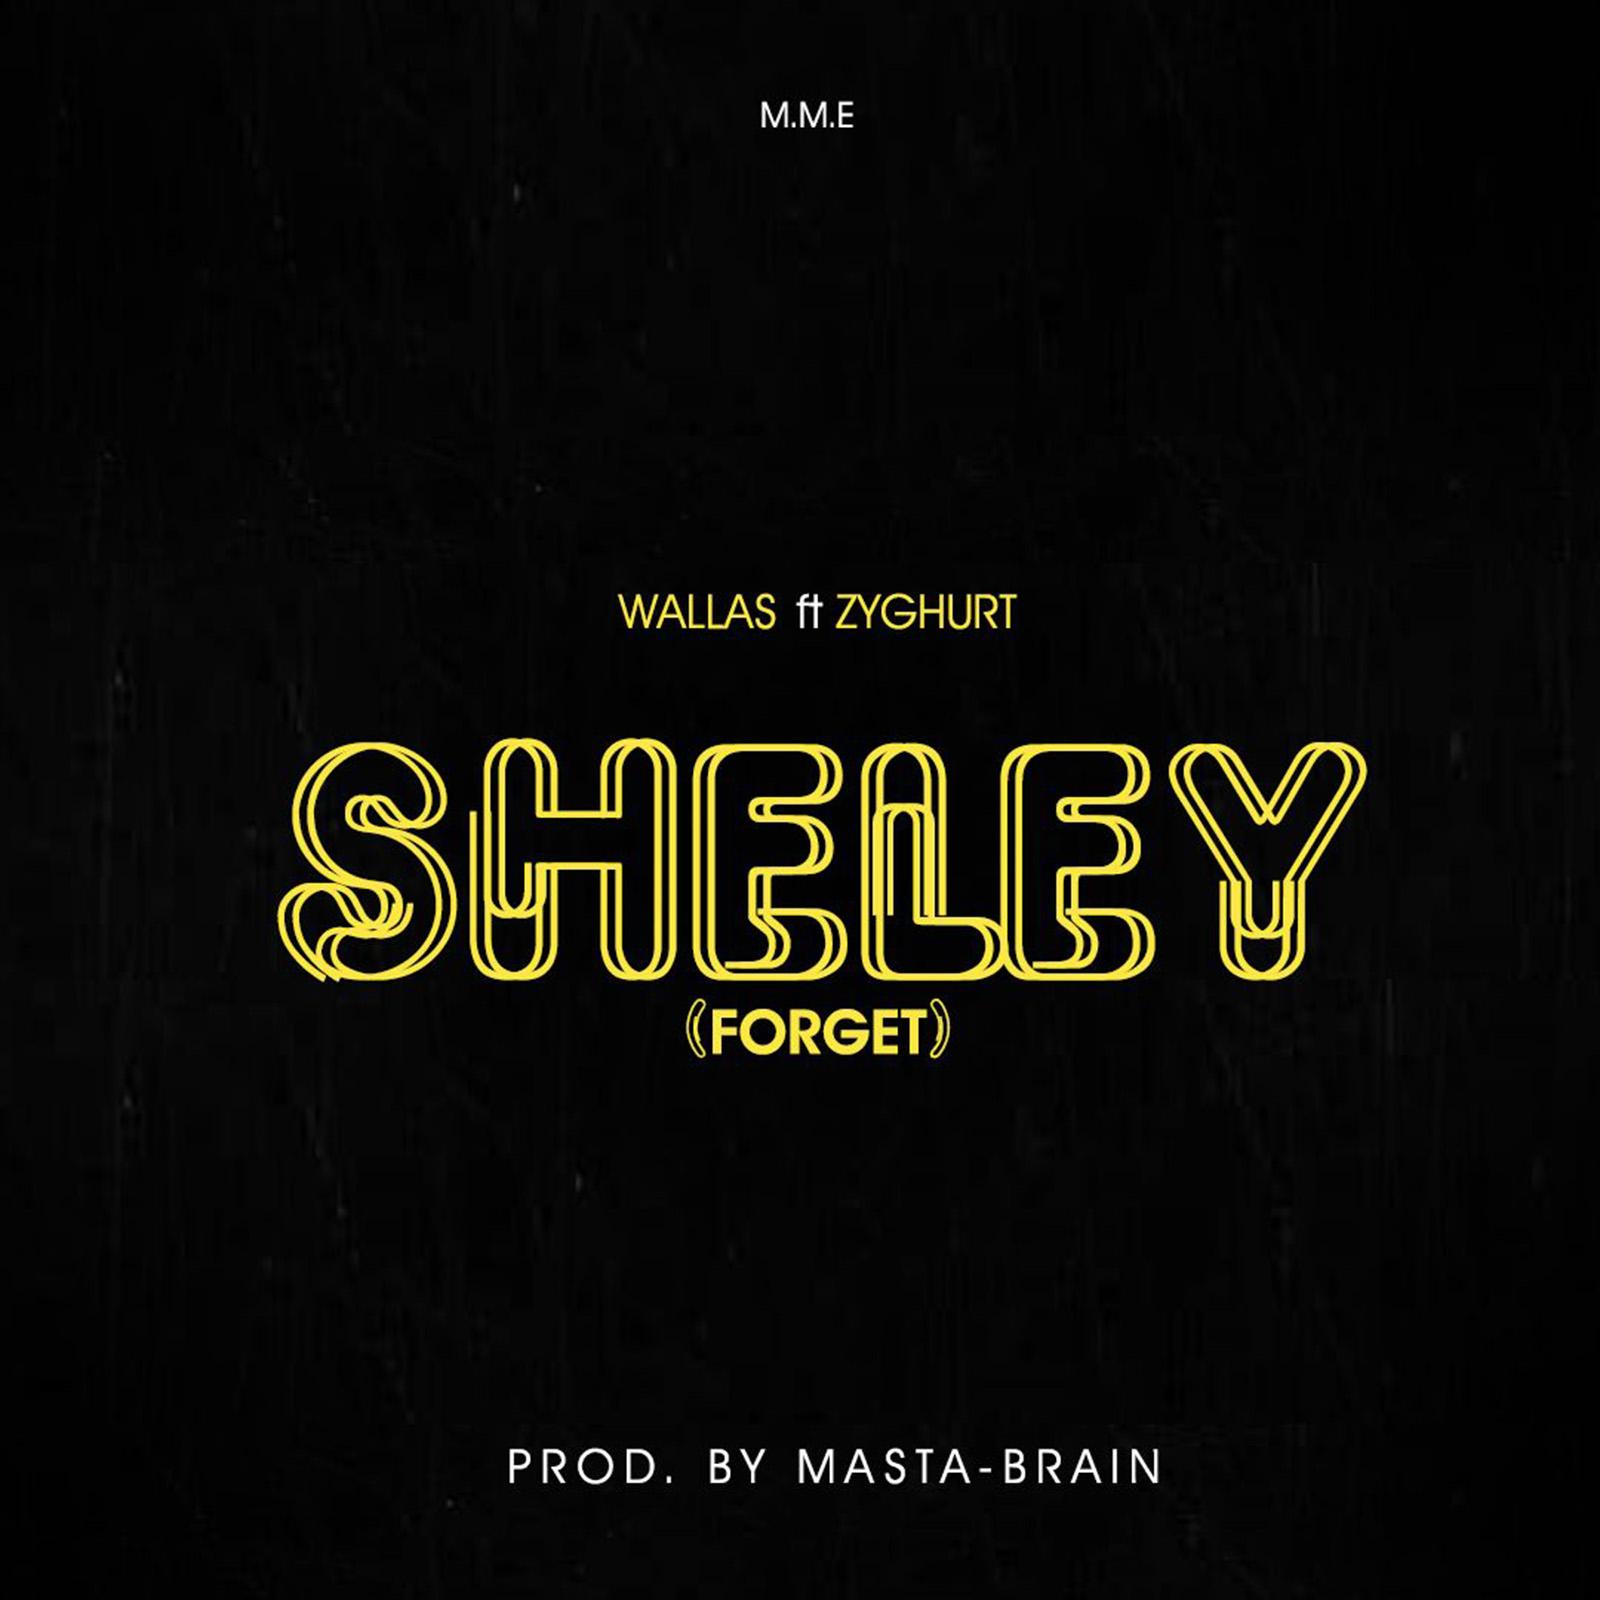 Sheley by Wallas feat. Zyghurt